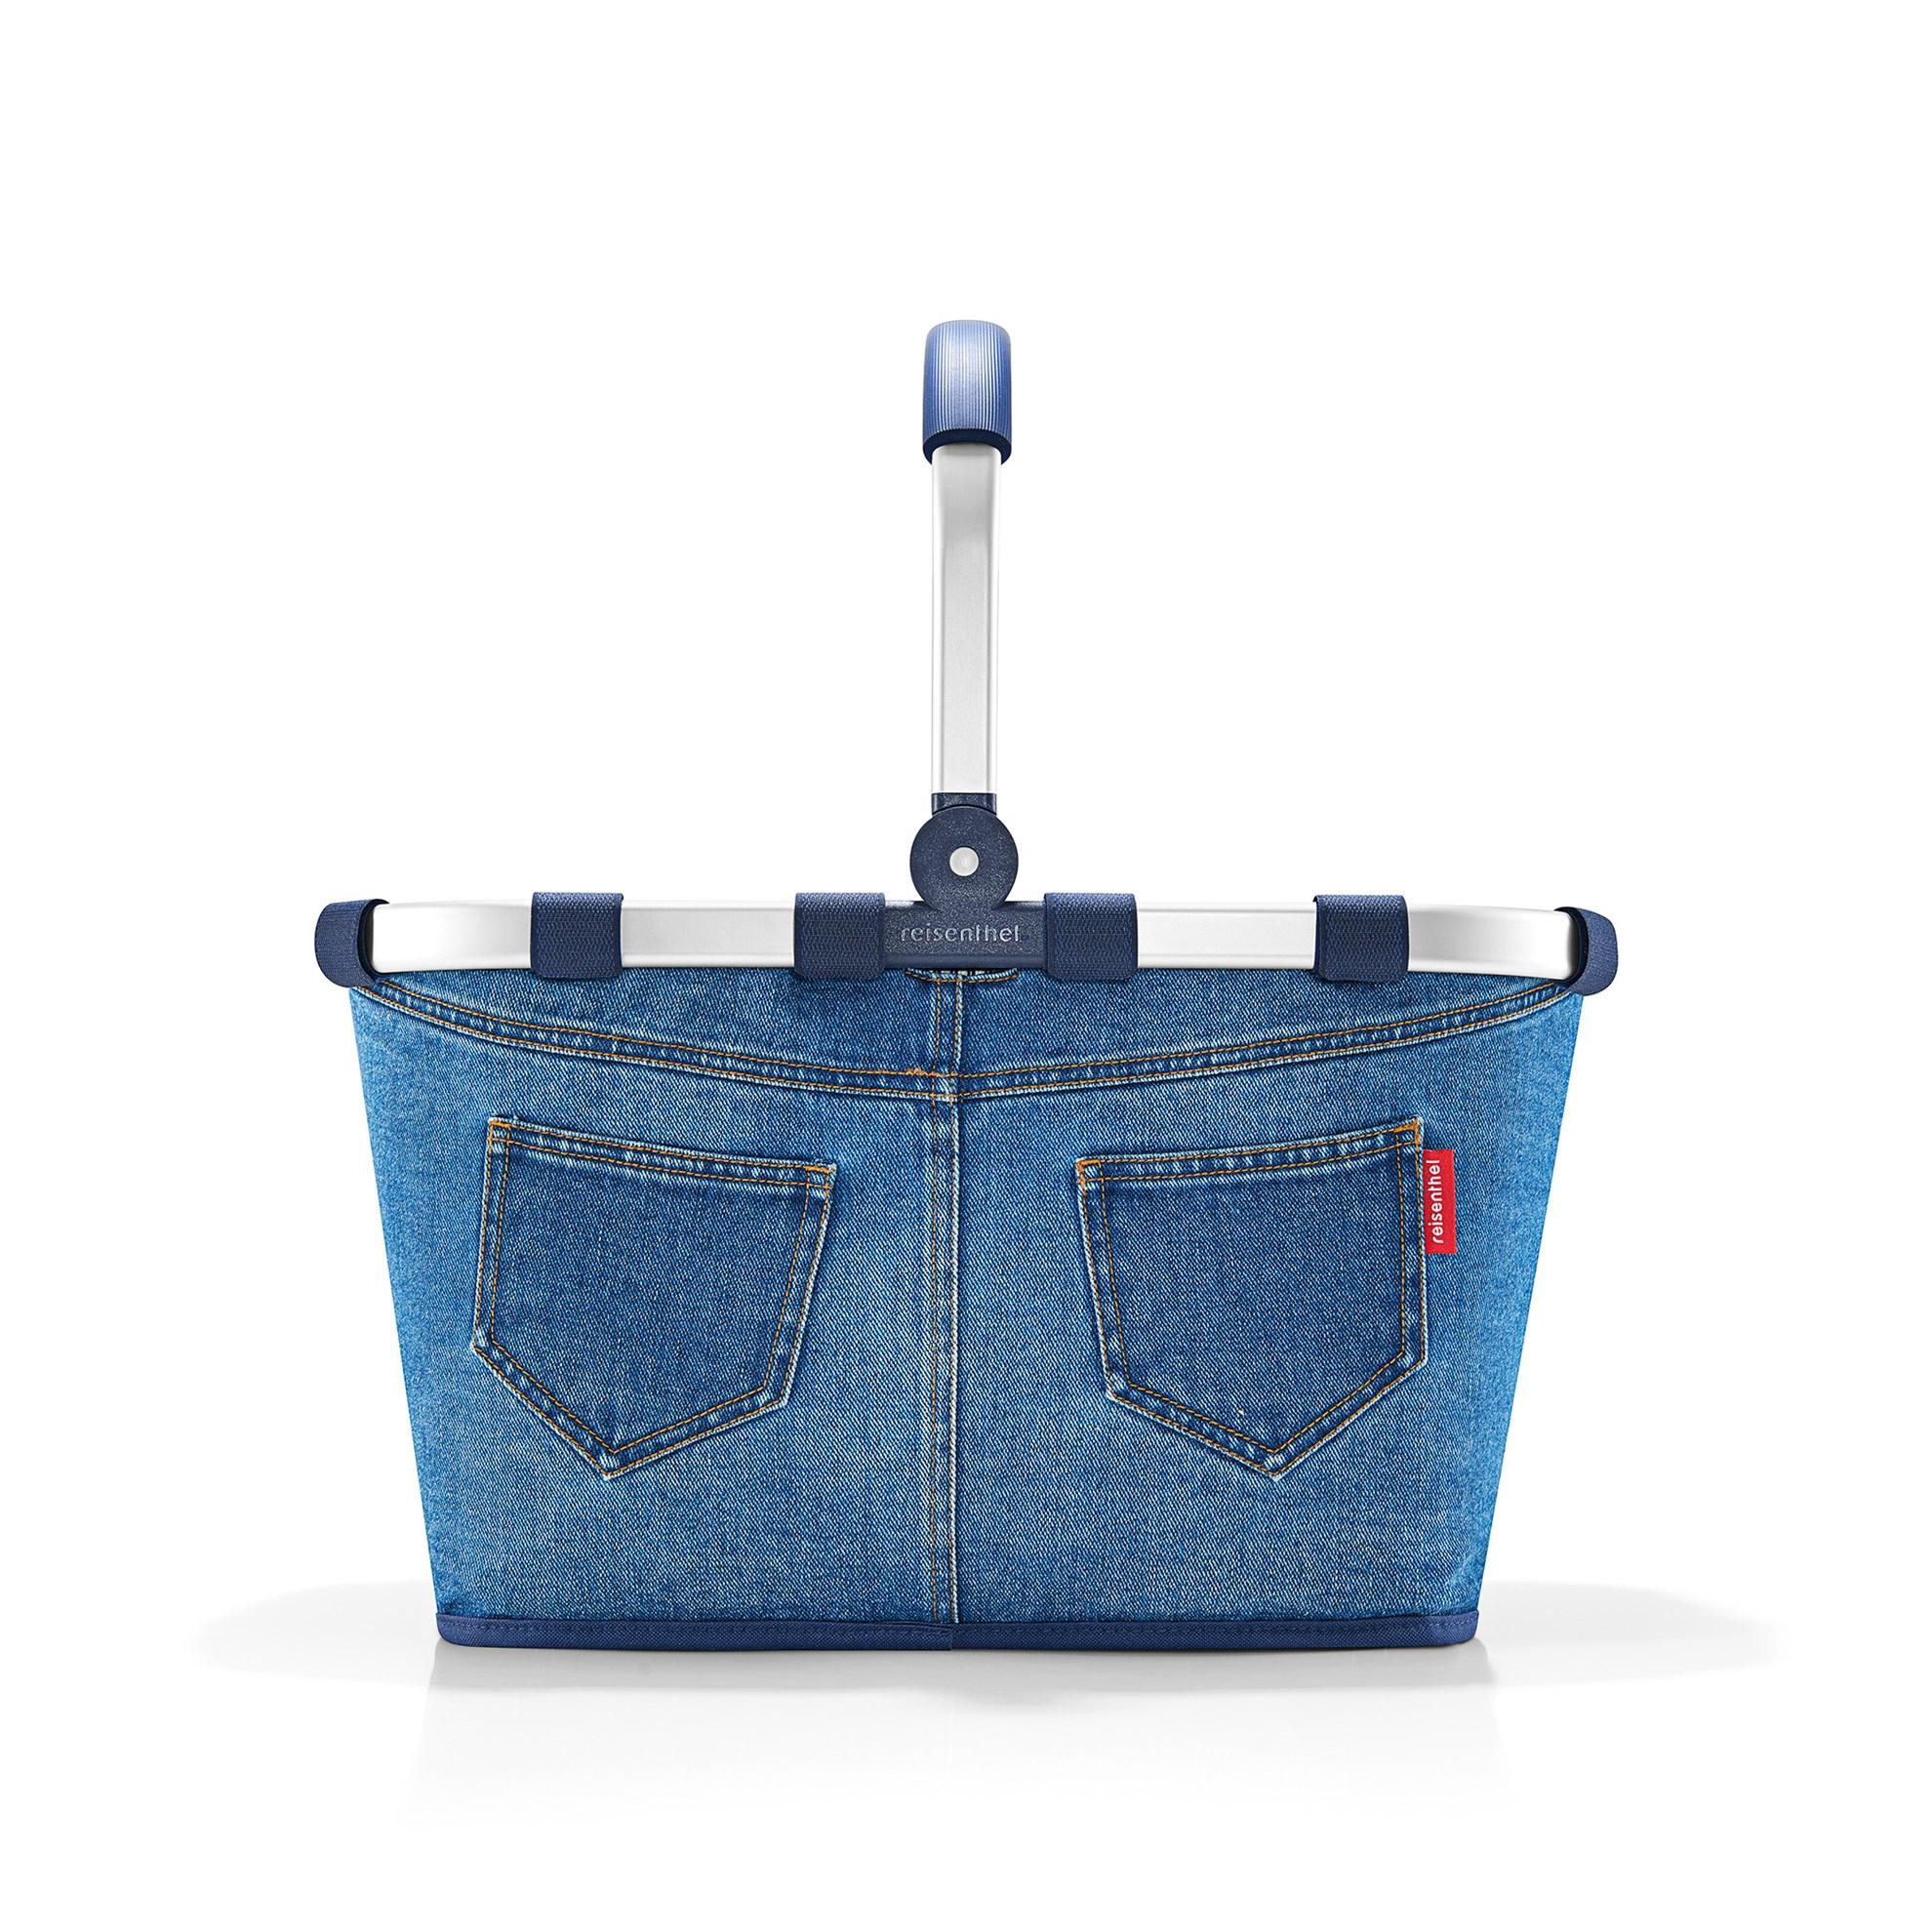 Nákupní košík CARRYBAG jeans_4